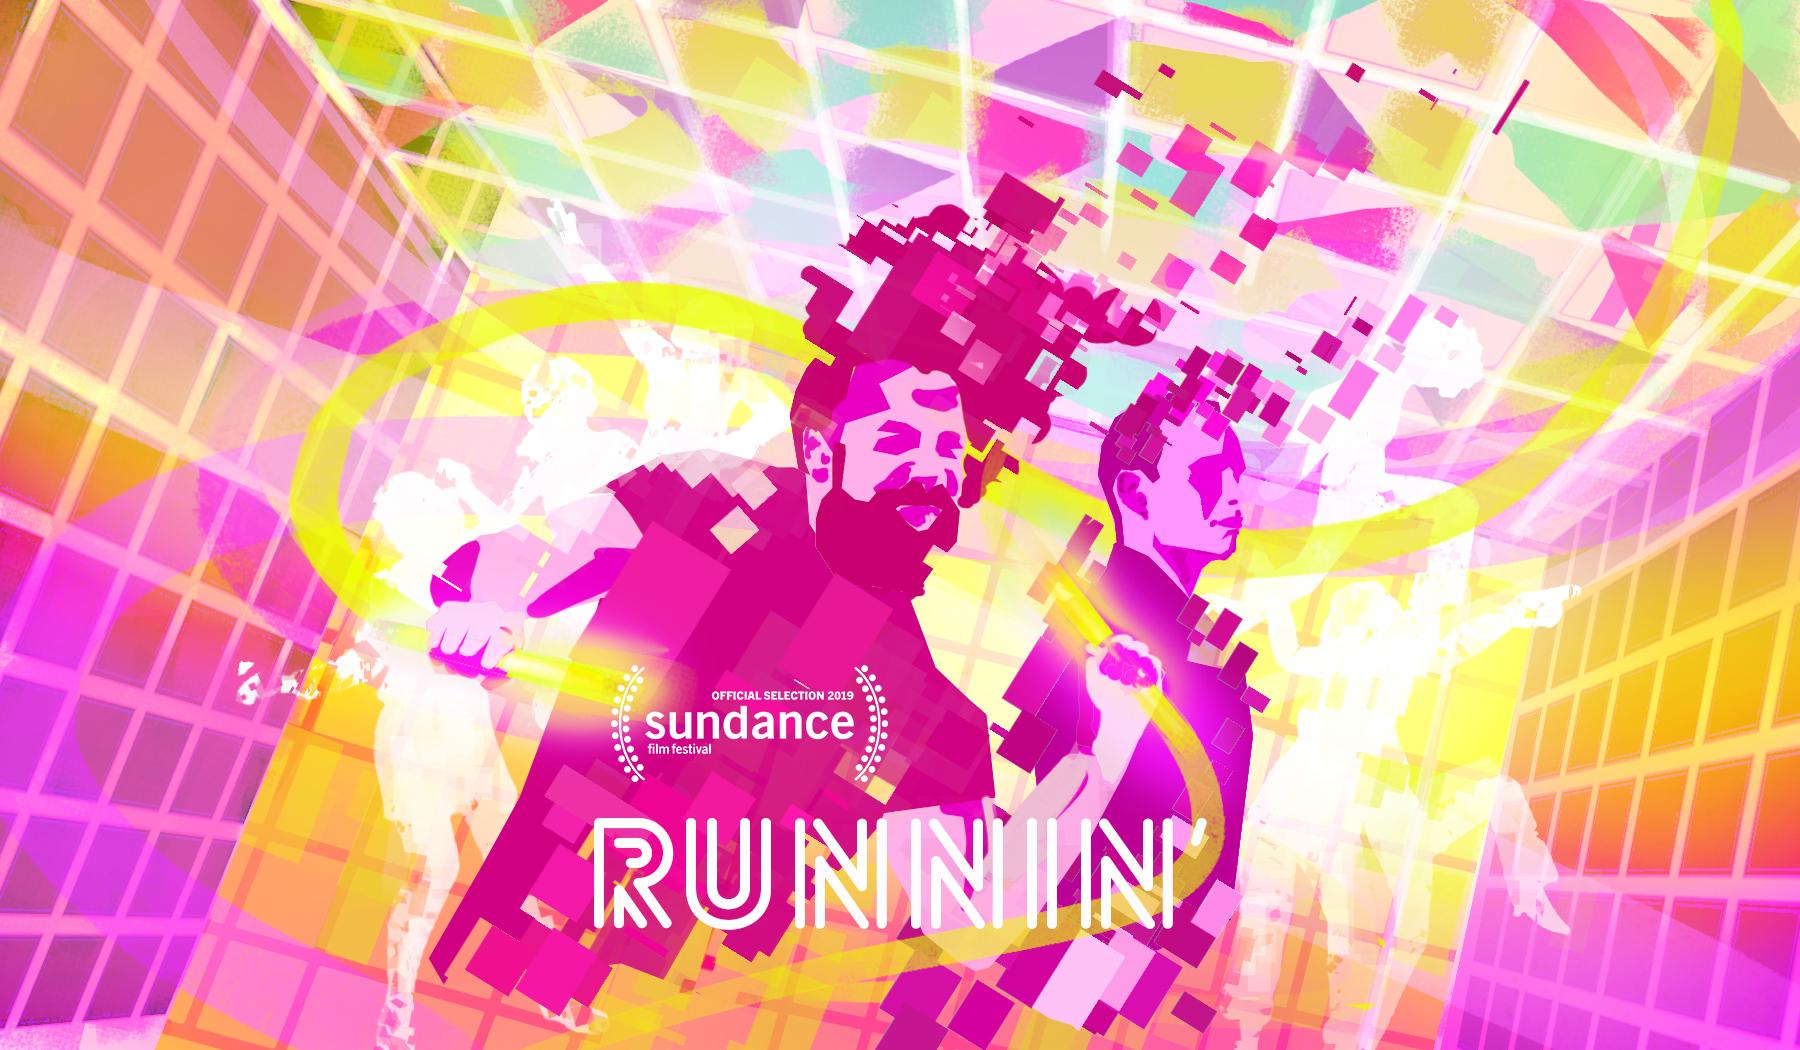 Runnin Key Art_Still1 copy.jpg